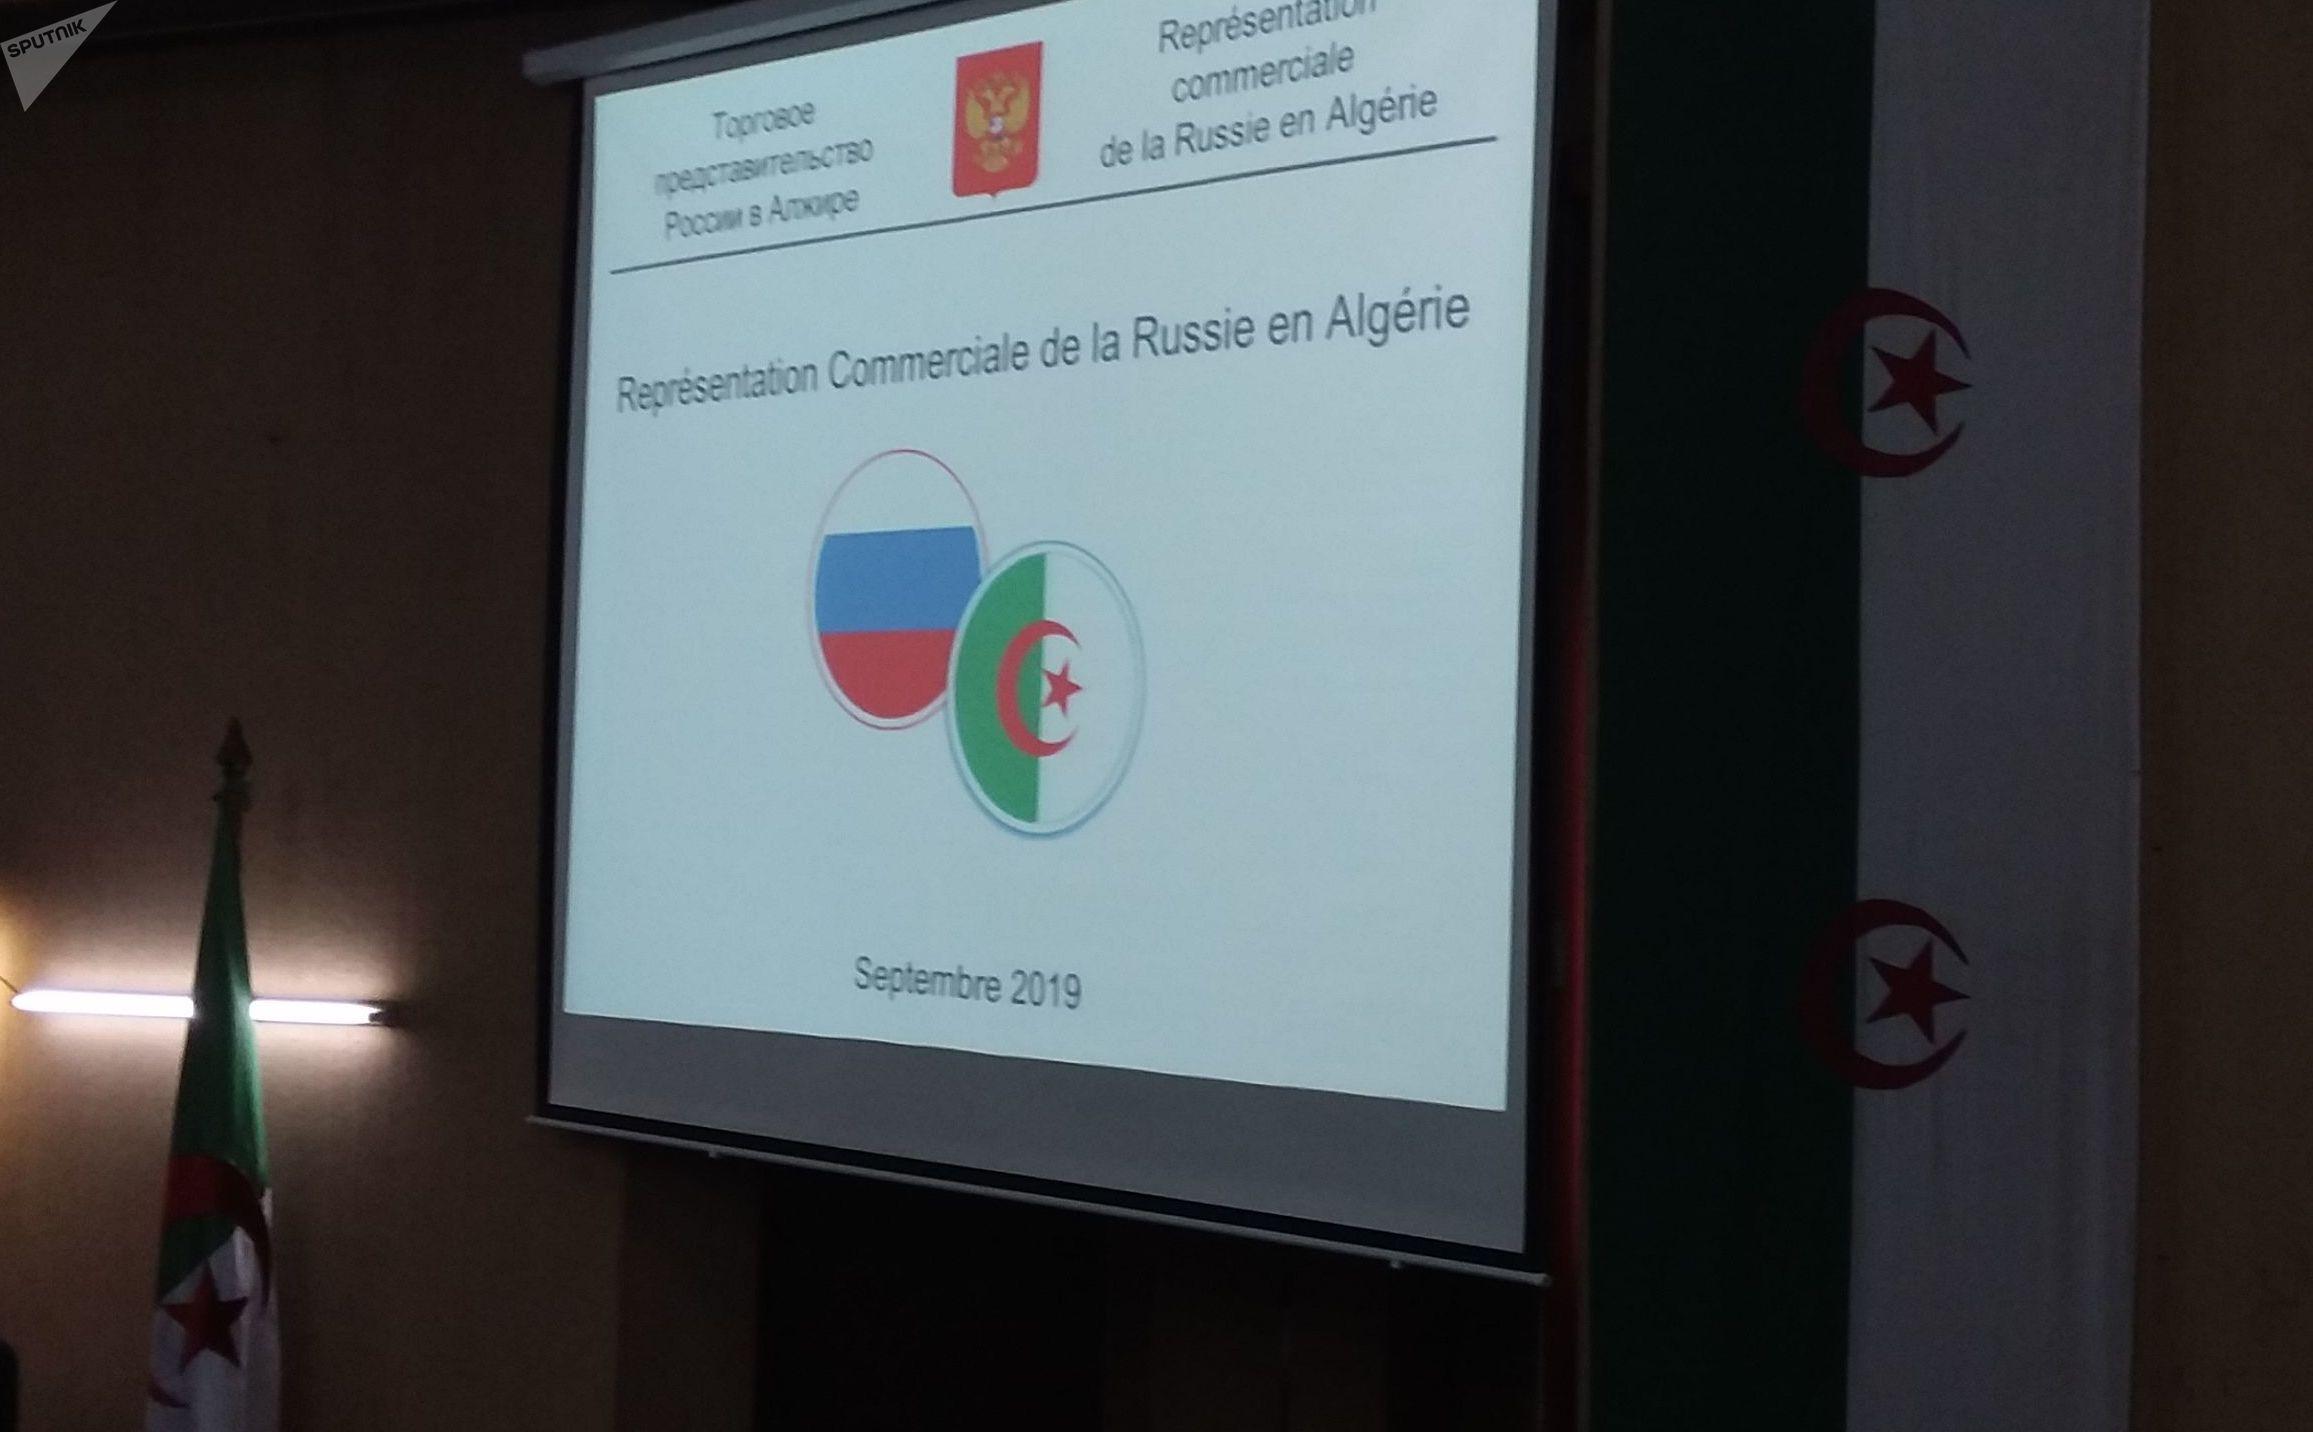 Réunion de l'Algex avec les représentants de la Mission économique russe